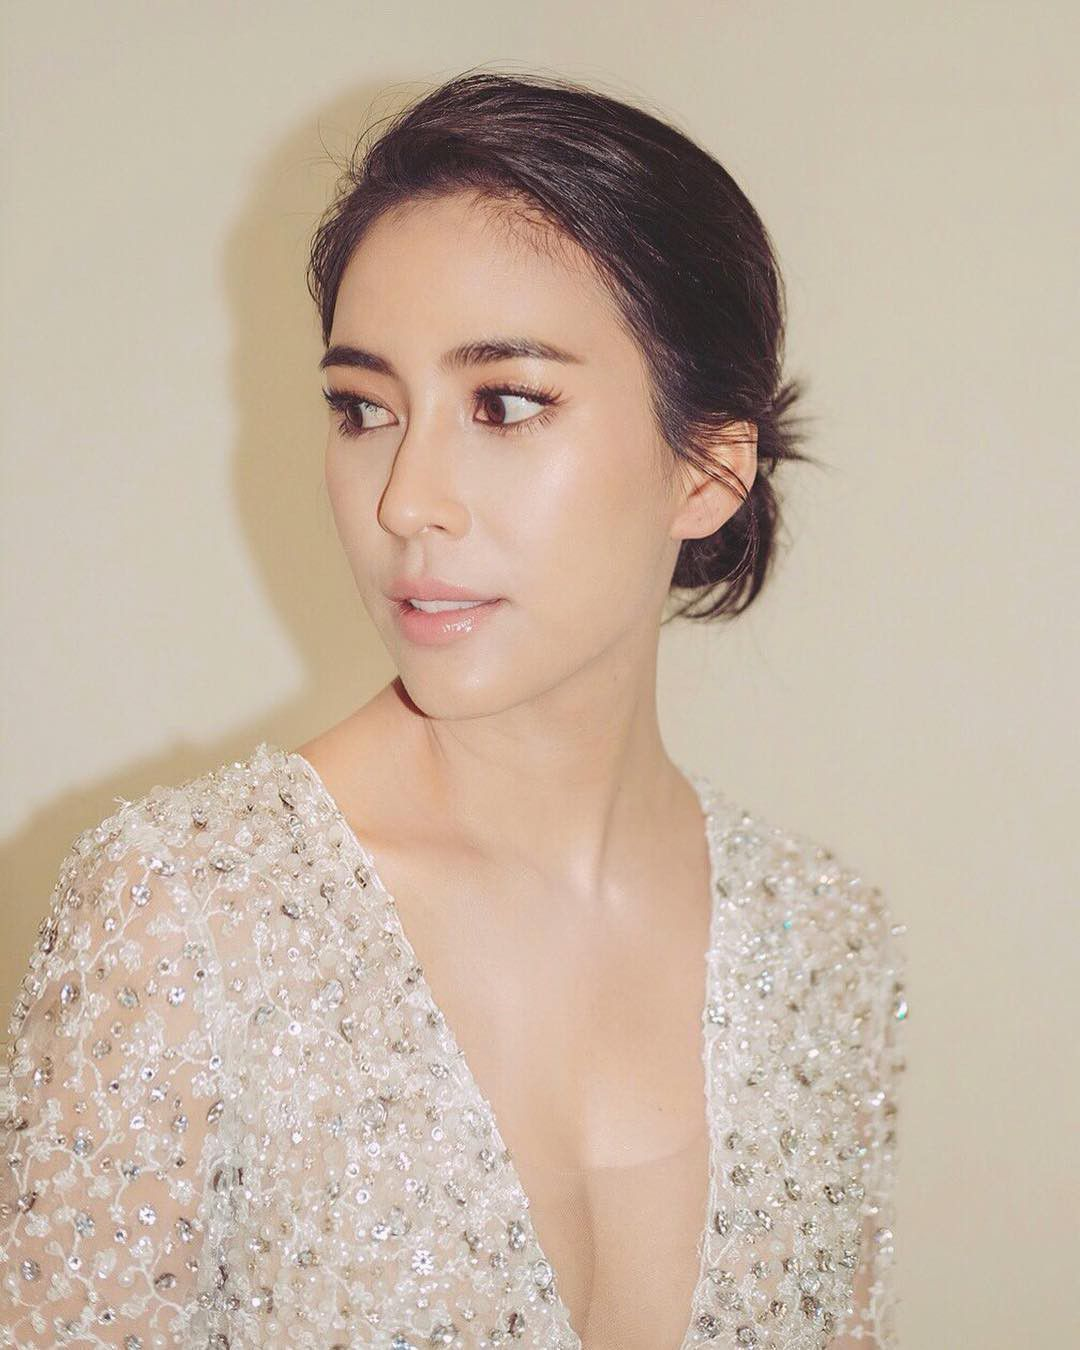 Danh sách những ngôi sao tuổi Hợi nổi tiếng đình đám màn ảnh Thái Lan (2)